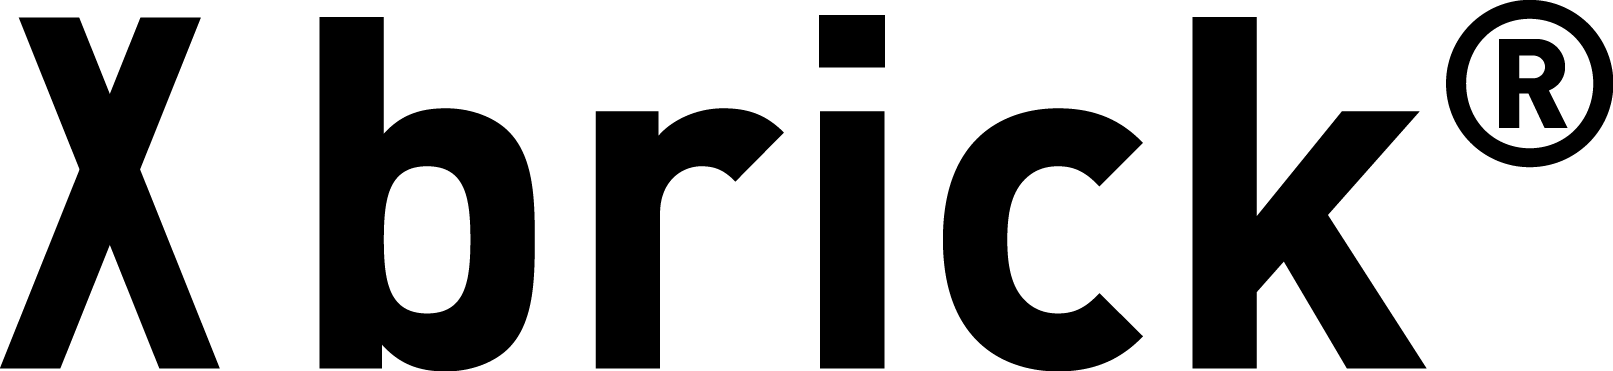 Xbrick